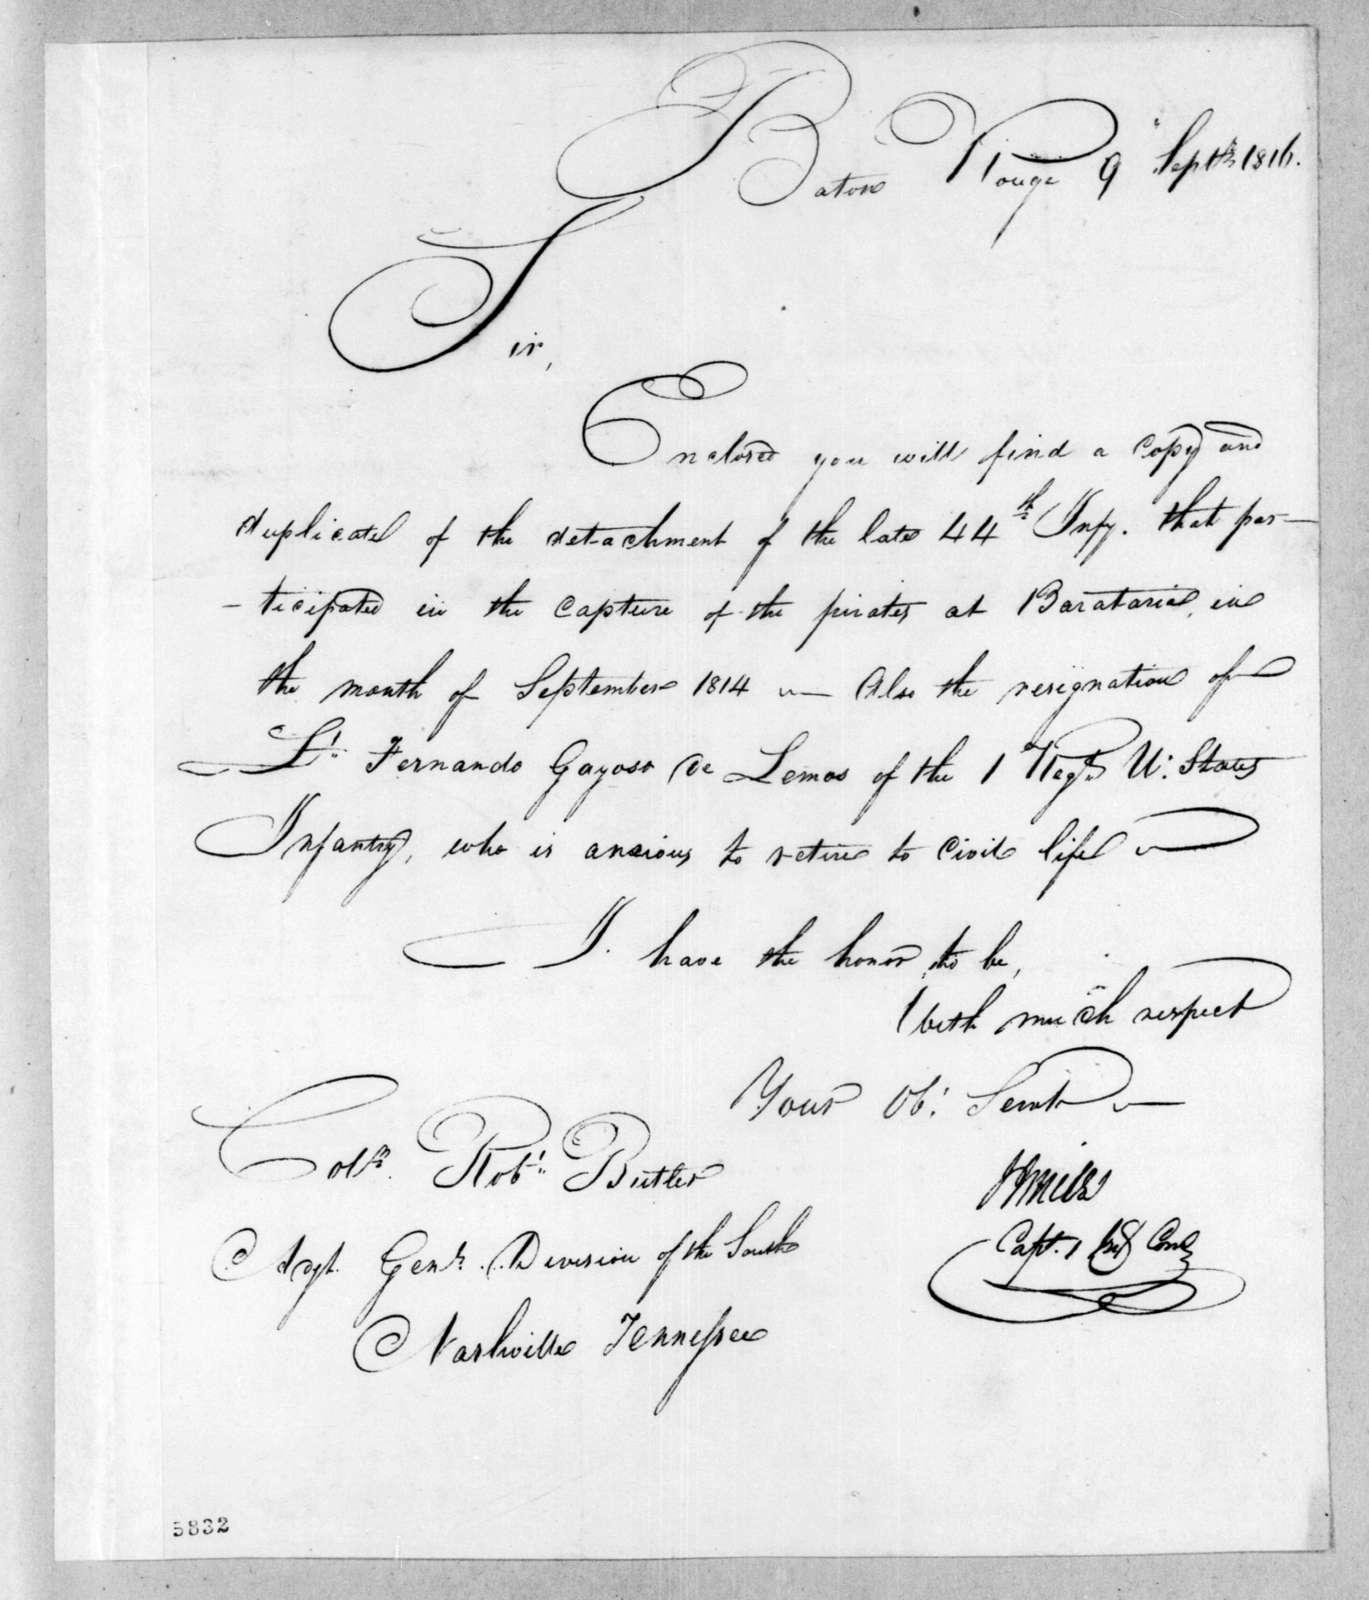 Joseph J. Miles to Robert Butler, September 9, 1816